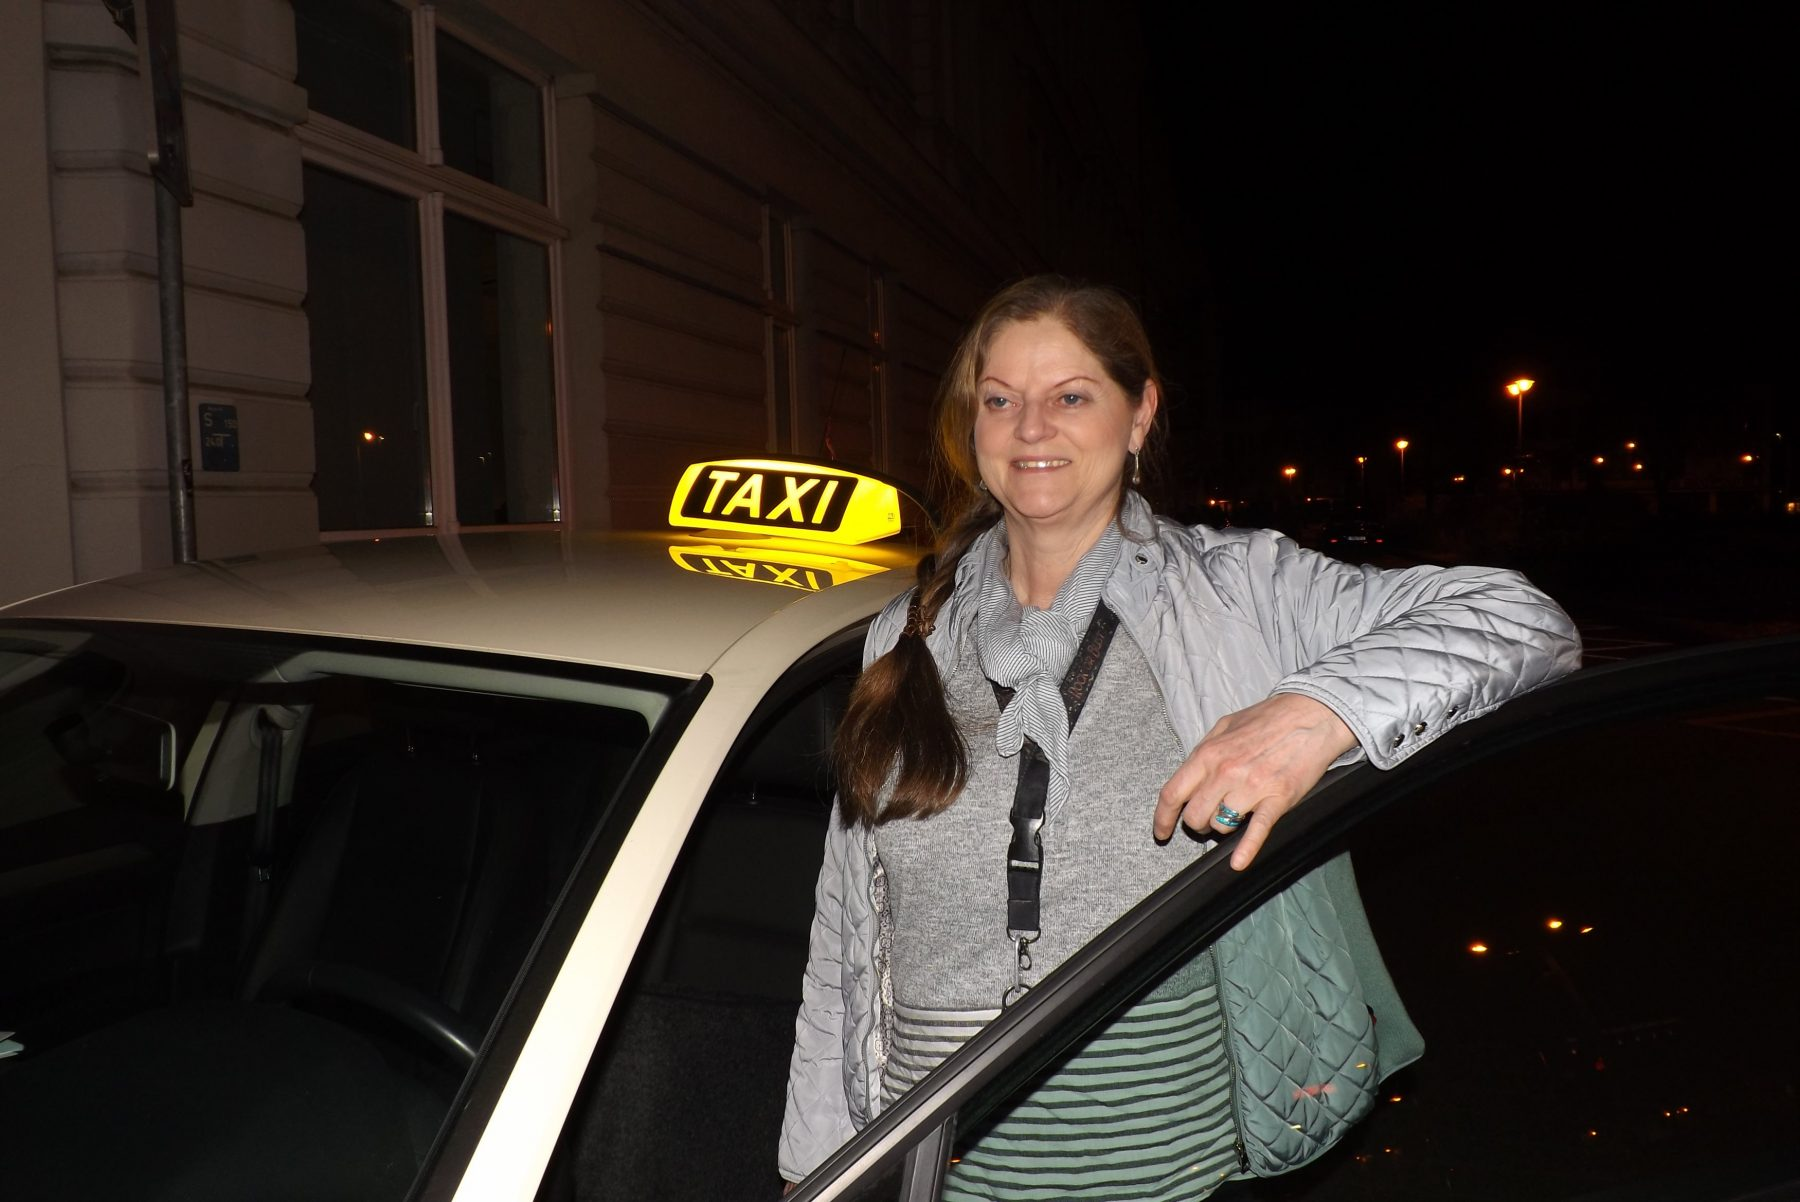 Traumberuf Taxifahrer – Über Ausbildungs(um)wege zum eigenen Unternehmen